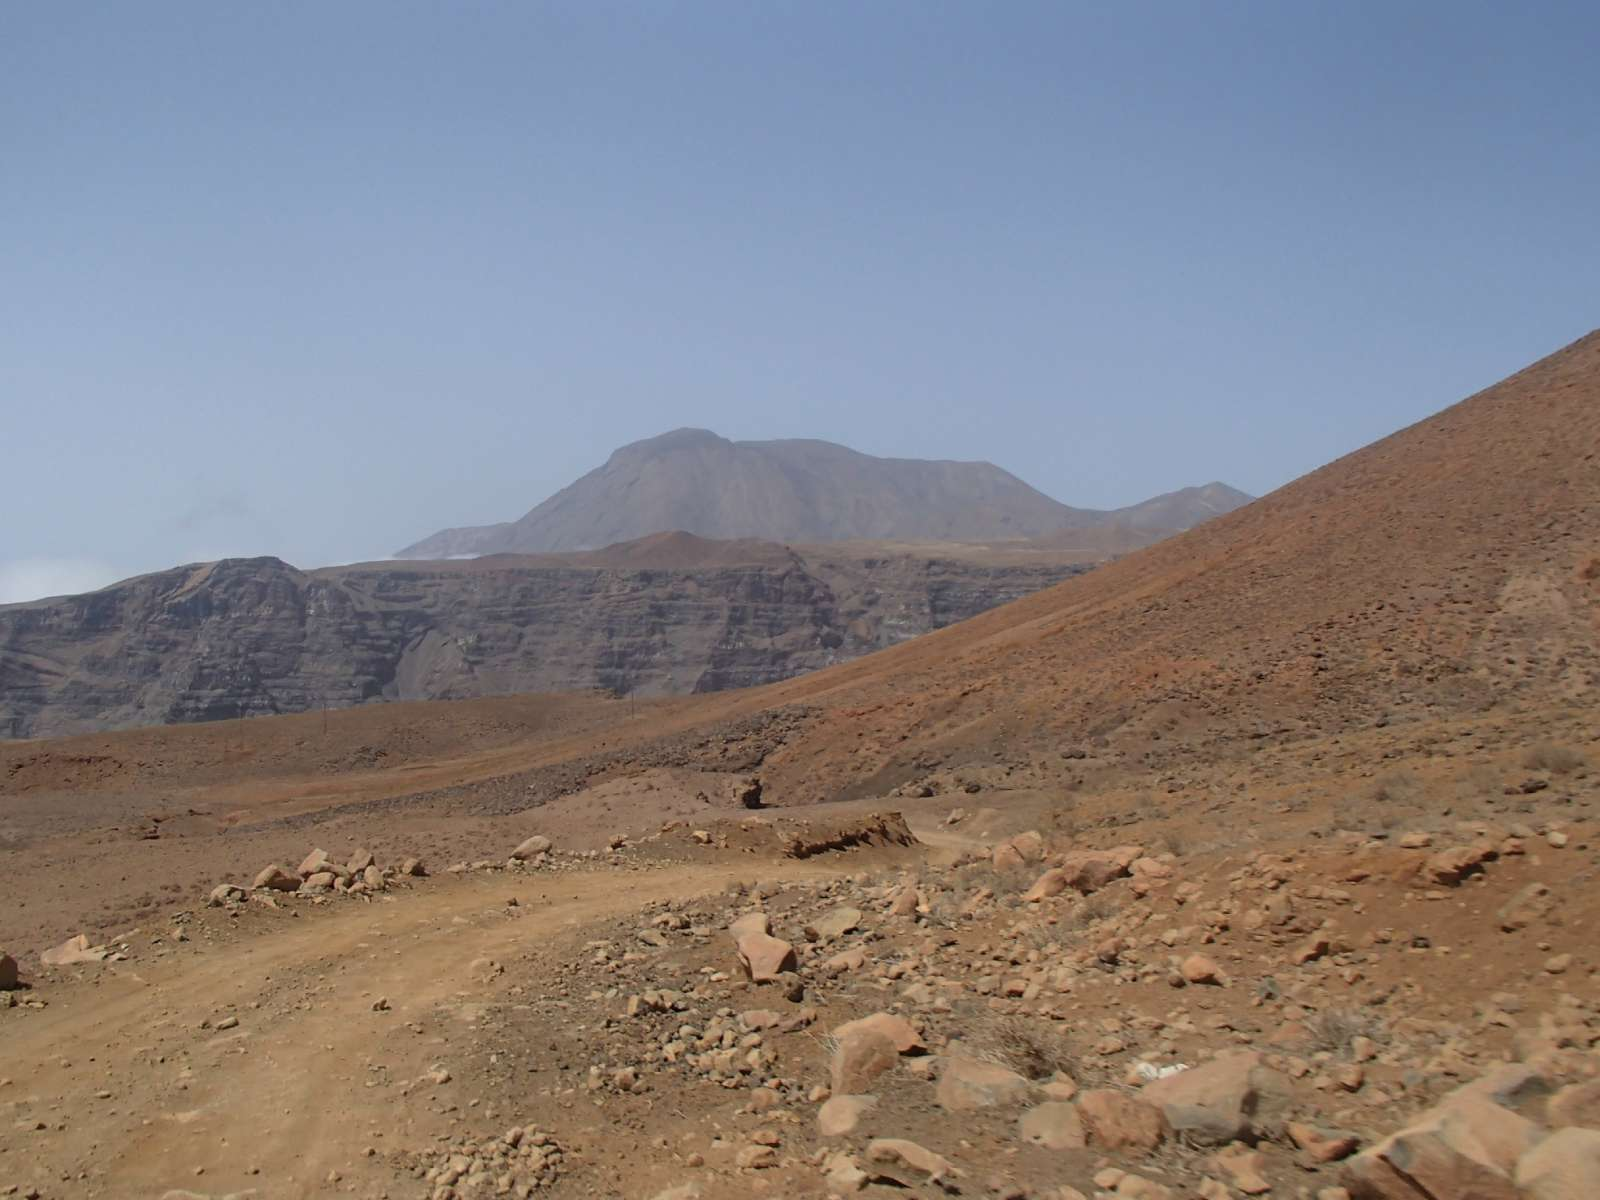 Excursion en 4x4 à travers les pistes, départ vers Tarrafal puis promenade à bord d'une barque traditionnelle jusqu'à Monte Trigo et randonnée à travers la lave jusqu'à Topo de Coroa